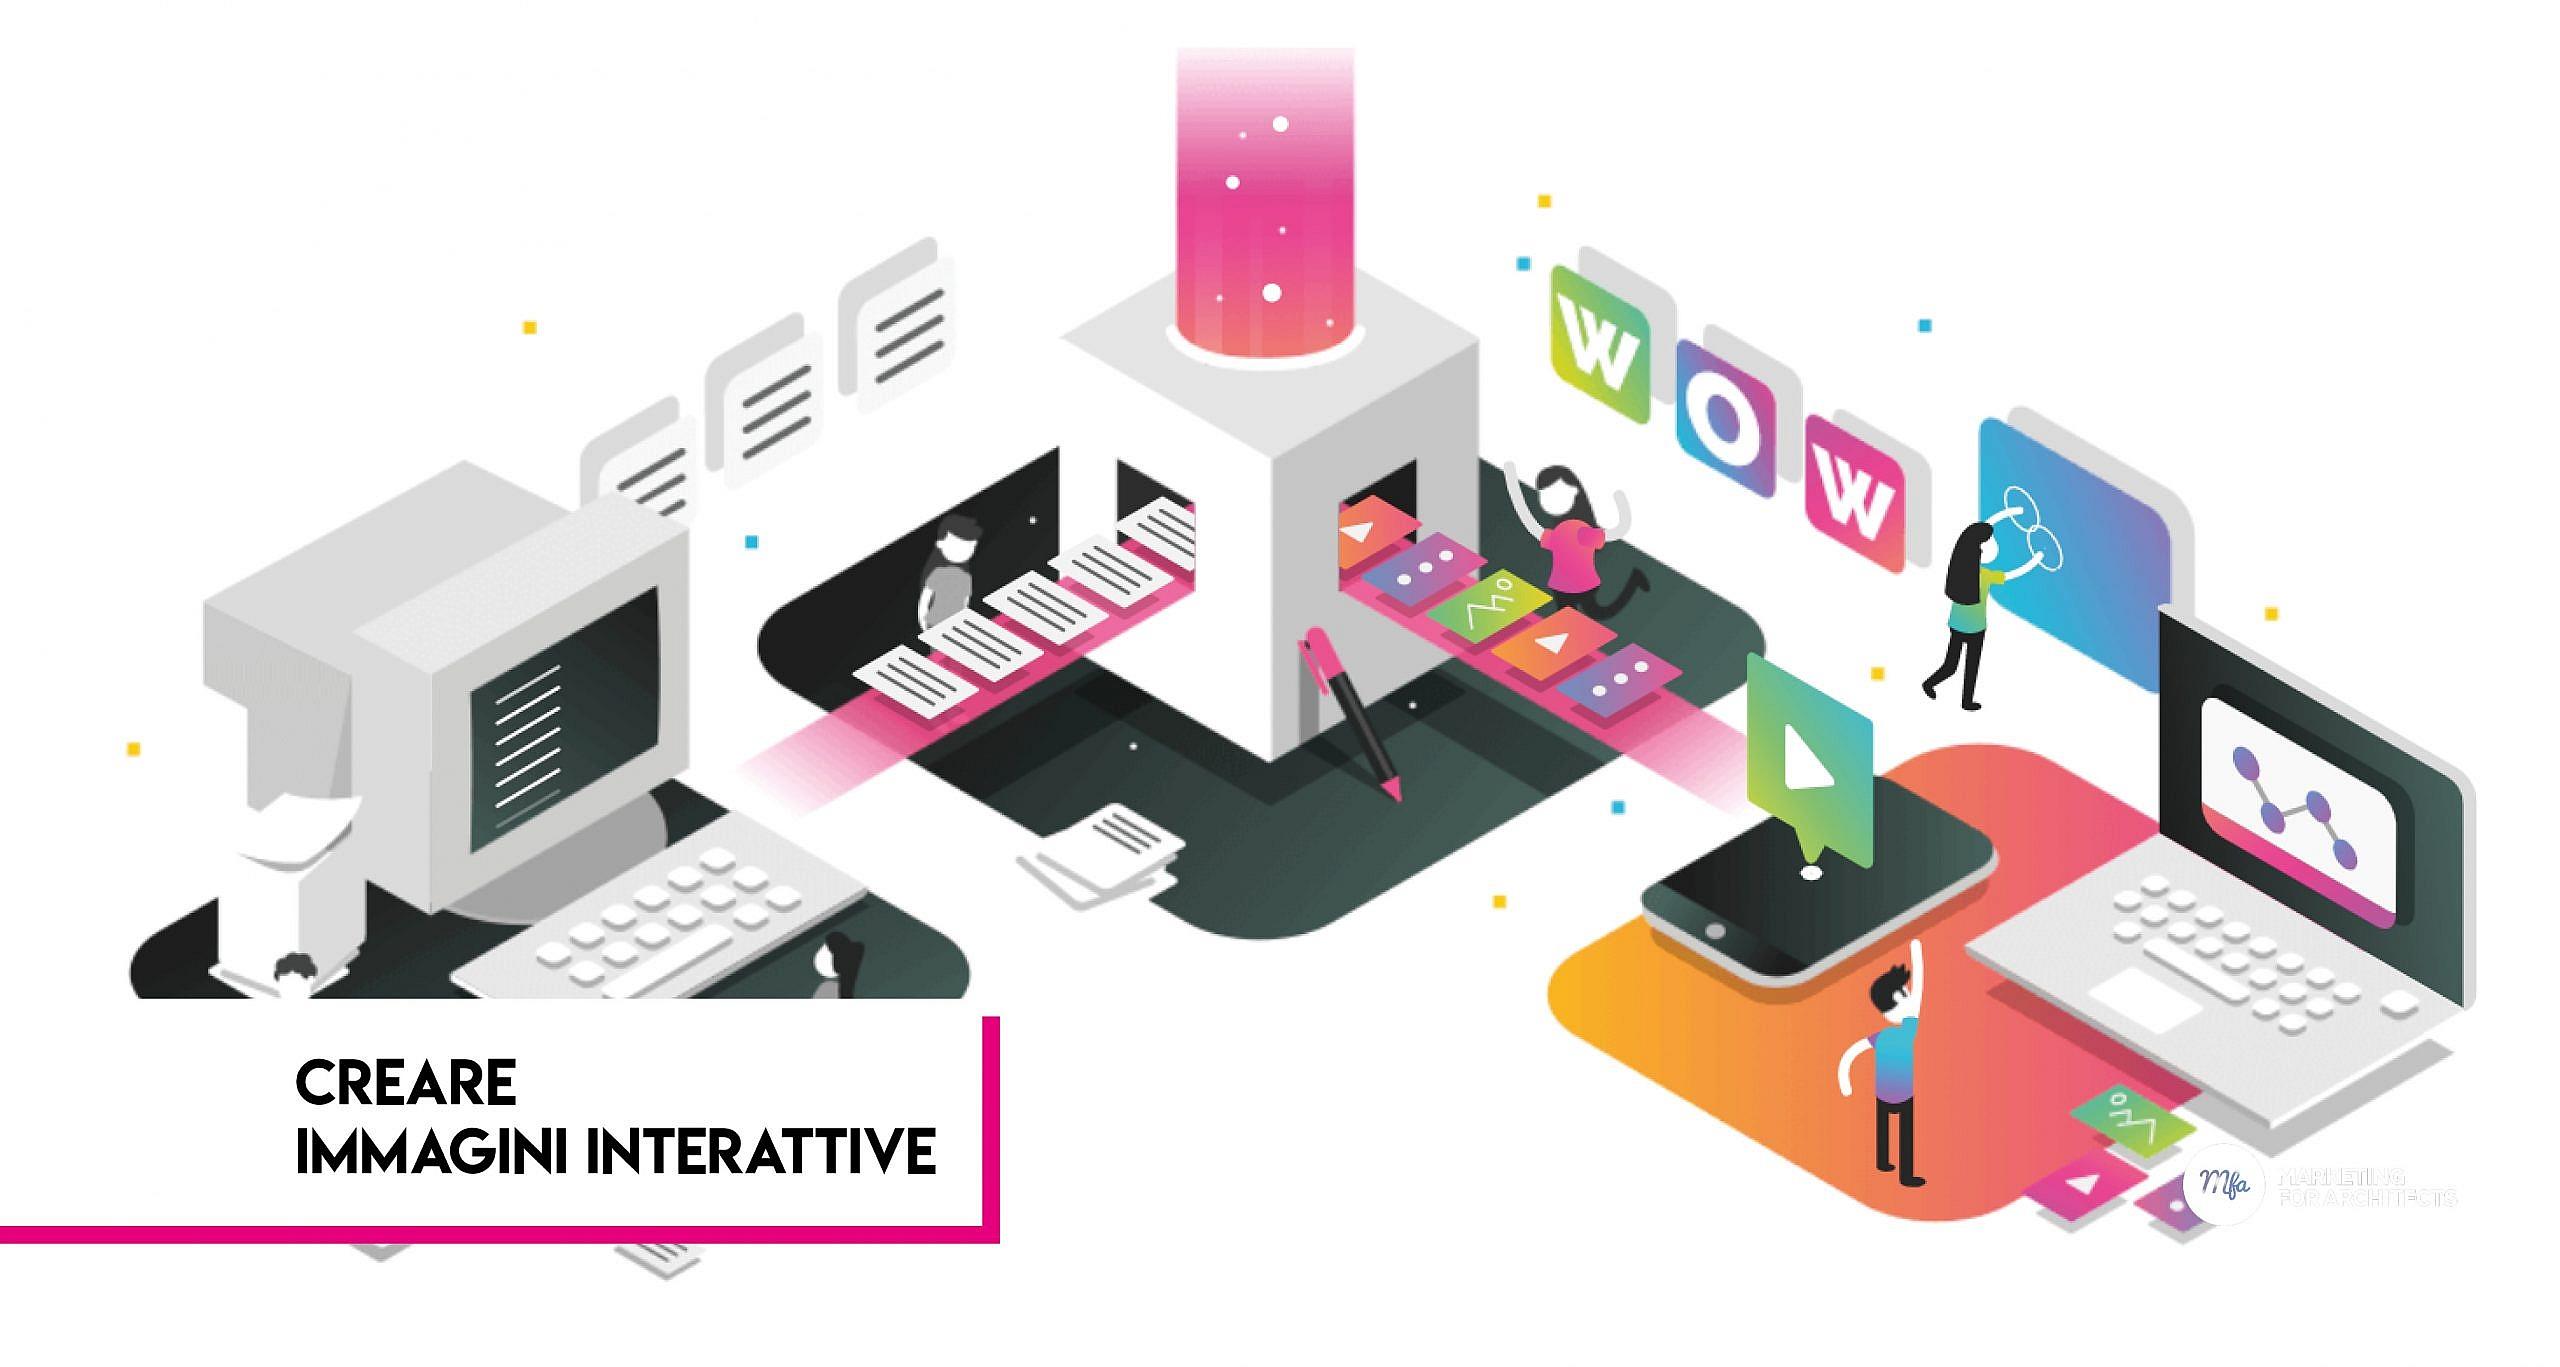 Come creare immagini interattive online